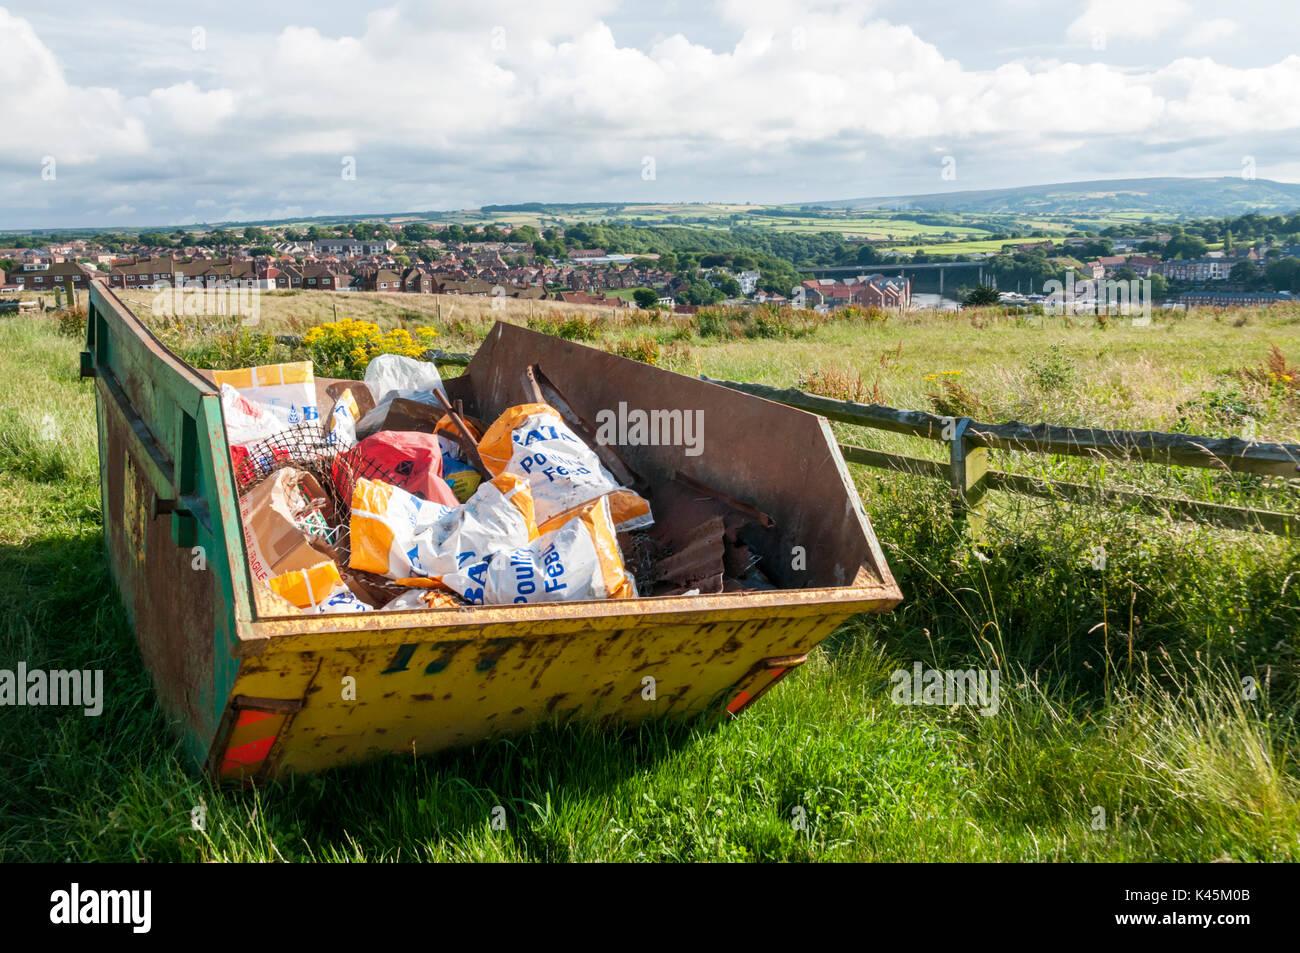 Un salto lleno de basura de granja en la campiña británica. Imagen De Stock